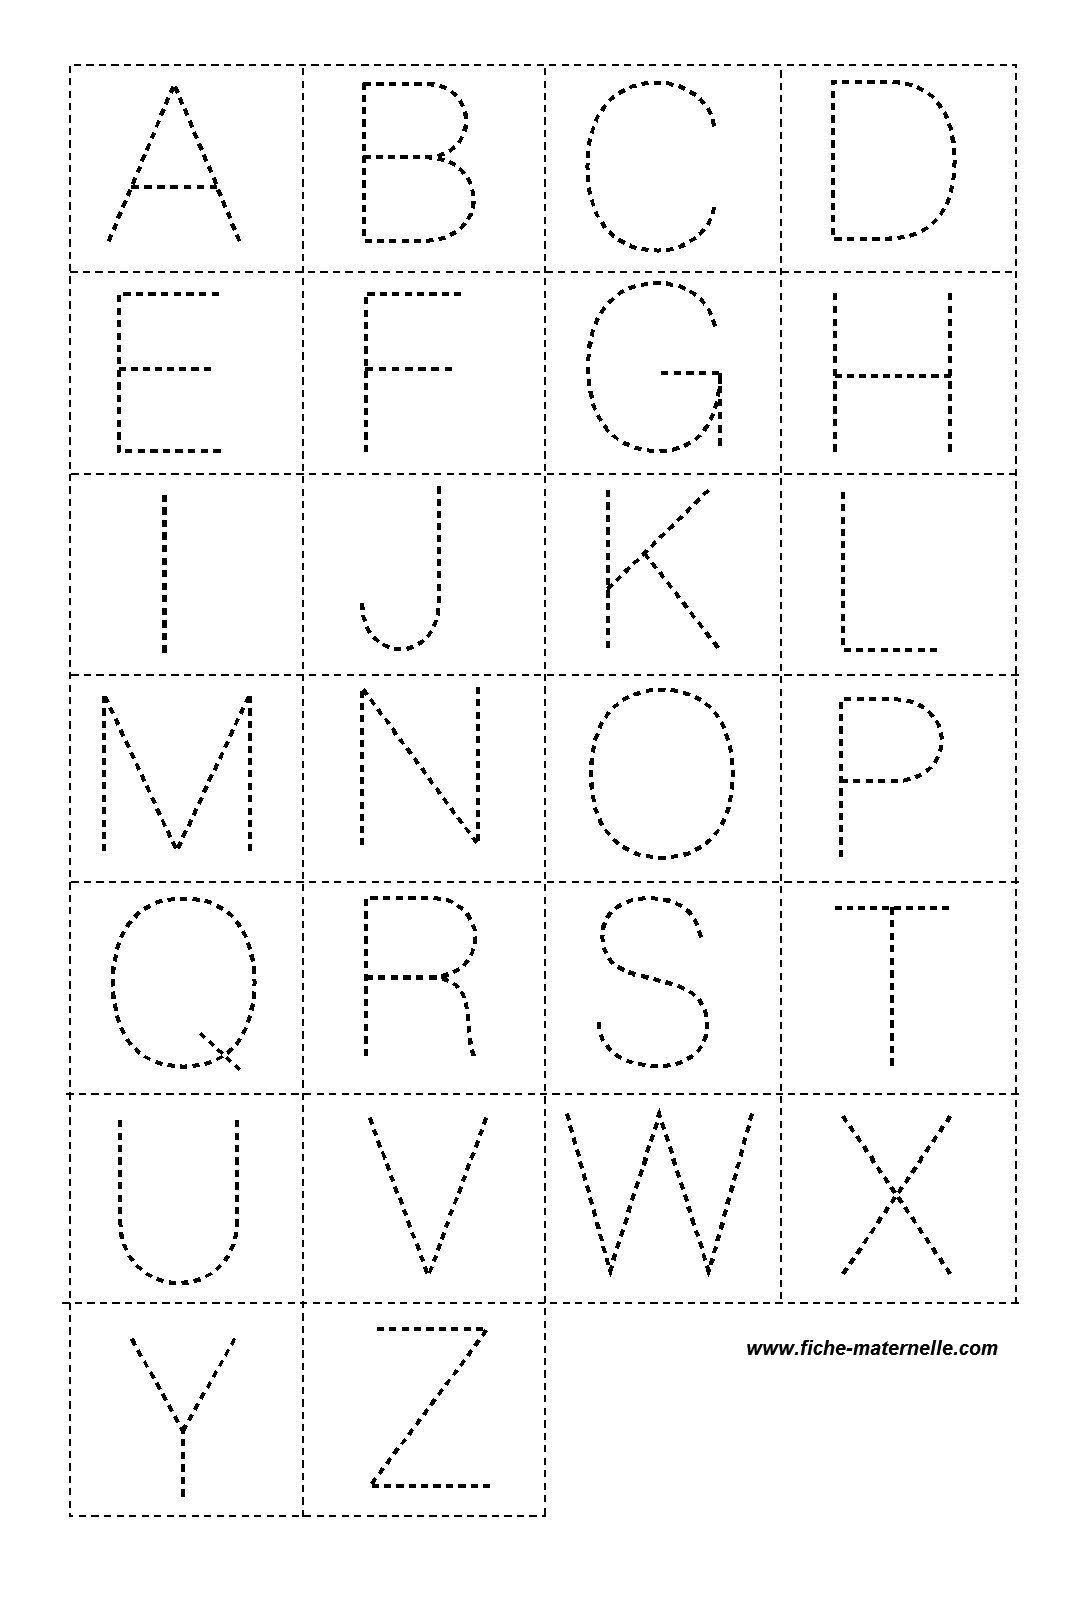 Number Tracing Worksheets 1 20 Alphabet Worksheets Preschool Tracing Worksheets Preschool Preschool Tracing [ 1605 x 1091 Pixel ]